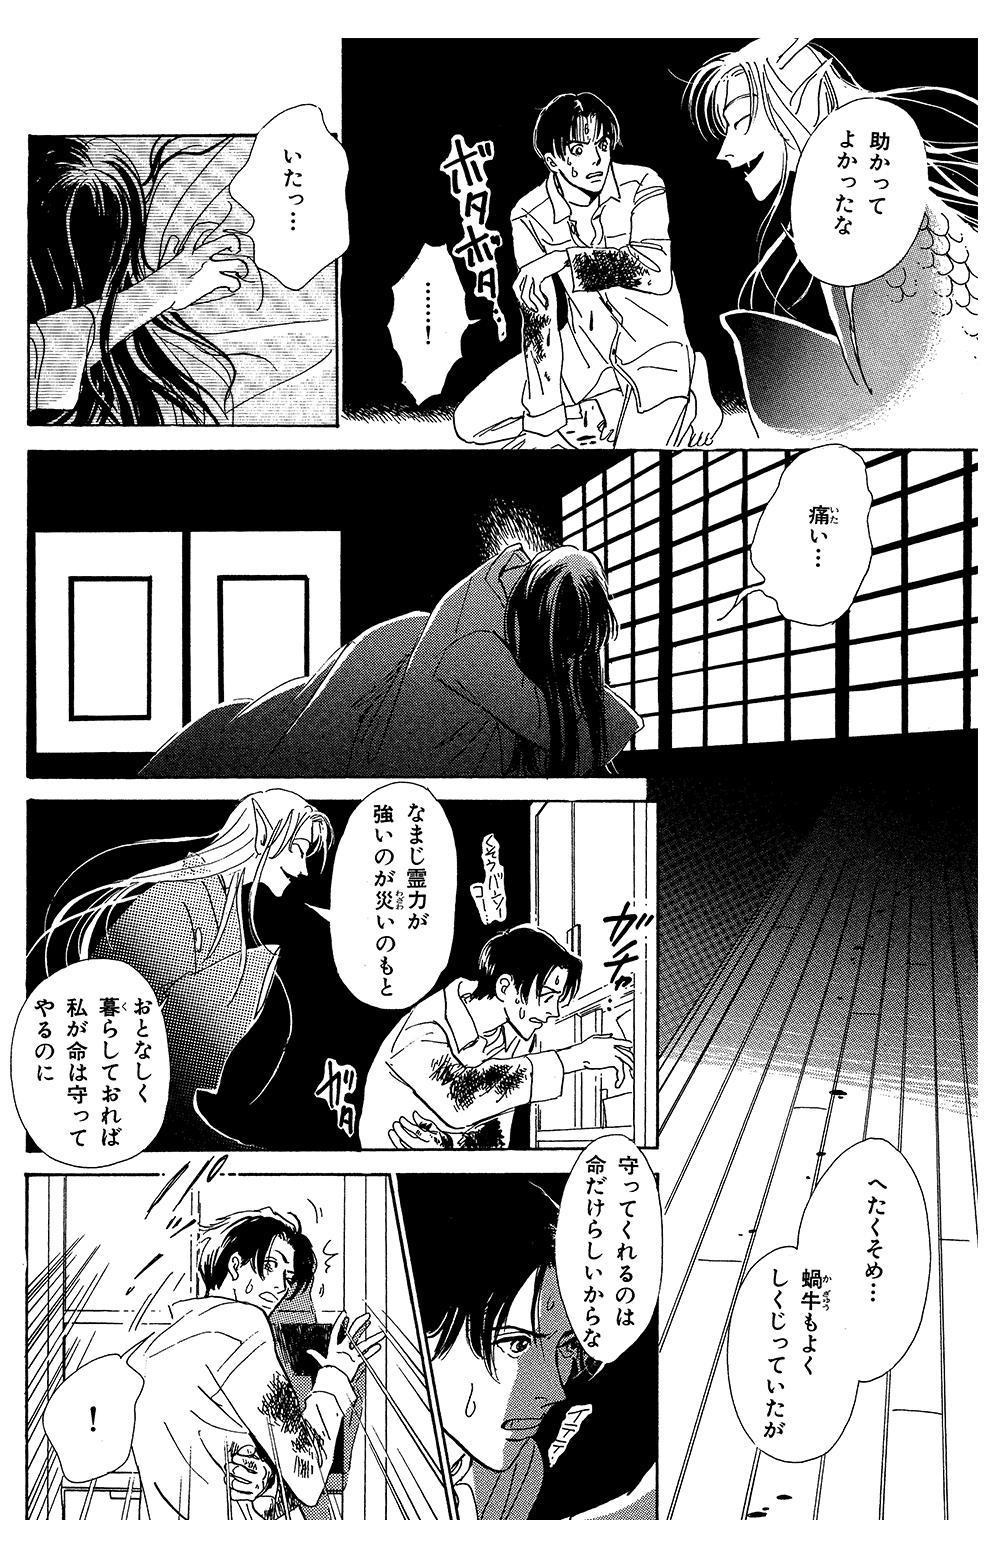 百鬼夜行抄 第1話「闇からの呼び声」④hyakki1-4-7.jpg